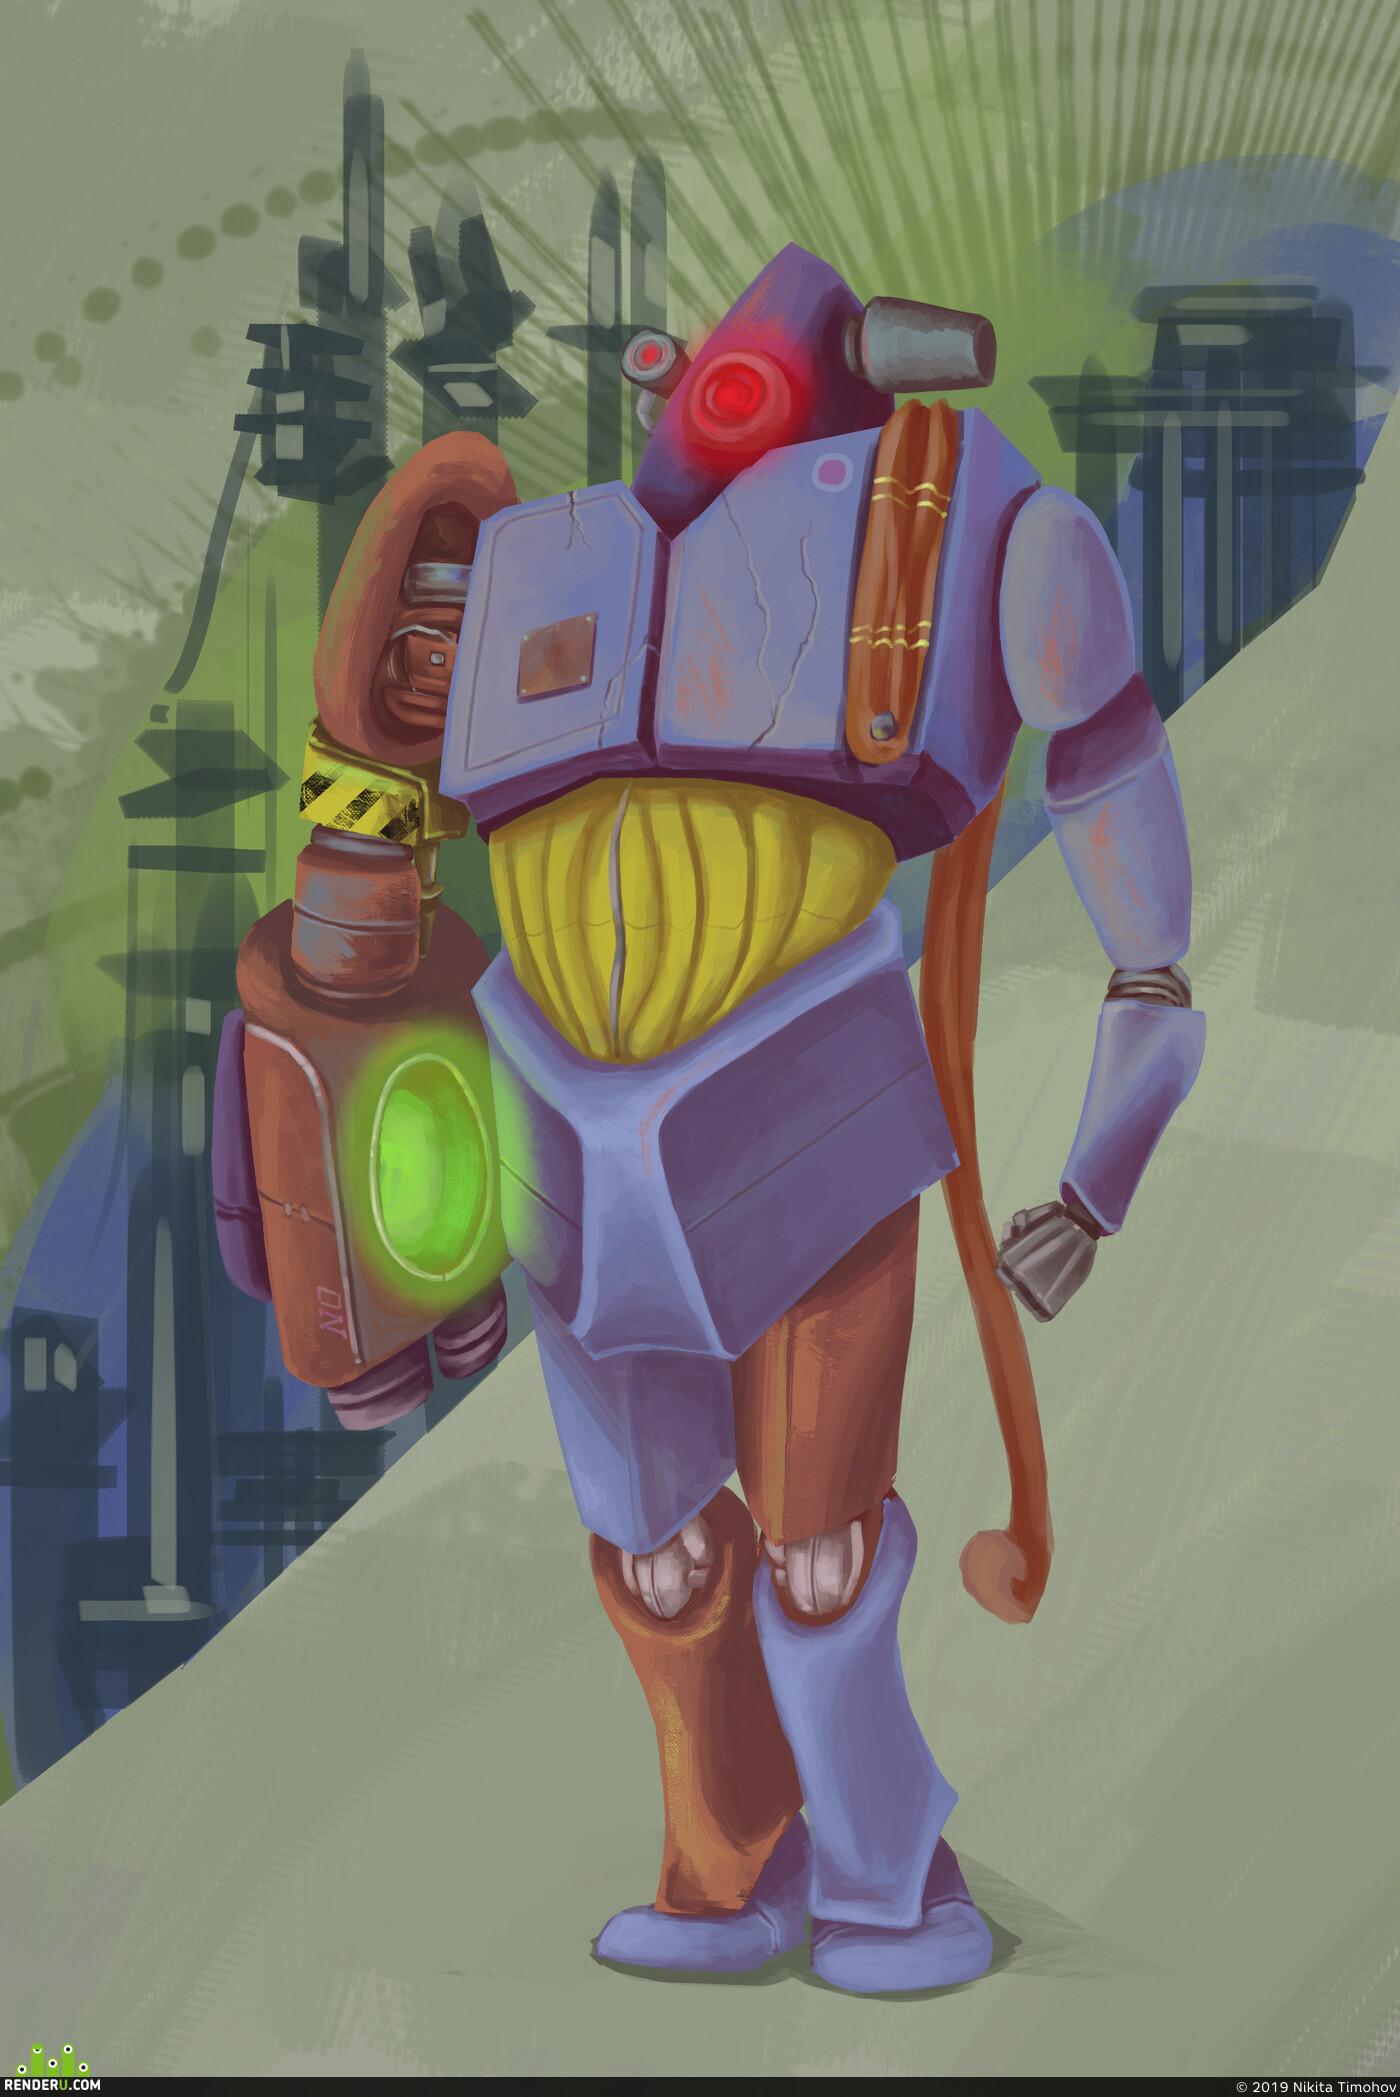 робот, Роботы, мартроботов, 2д эскиз, фотошоп, набросок, скетч, Рендер-арт, концепт, Концепт-арт